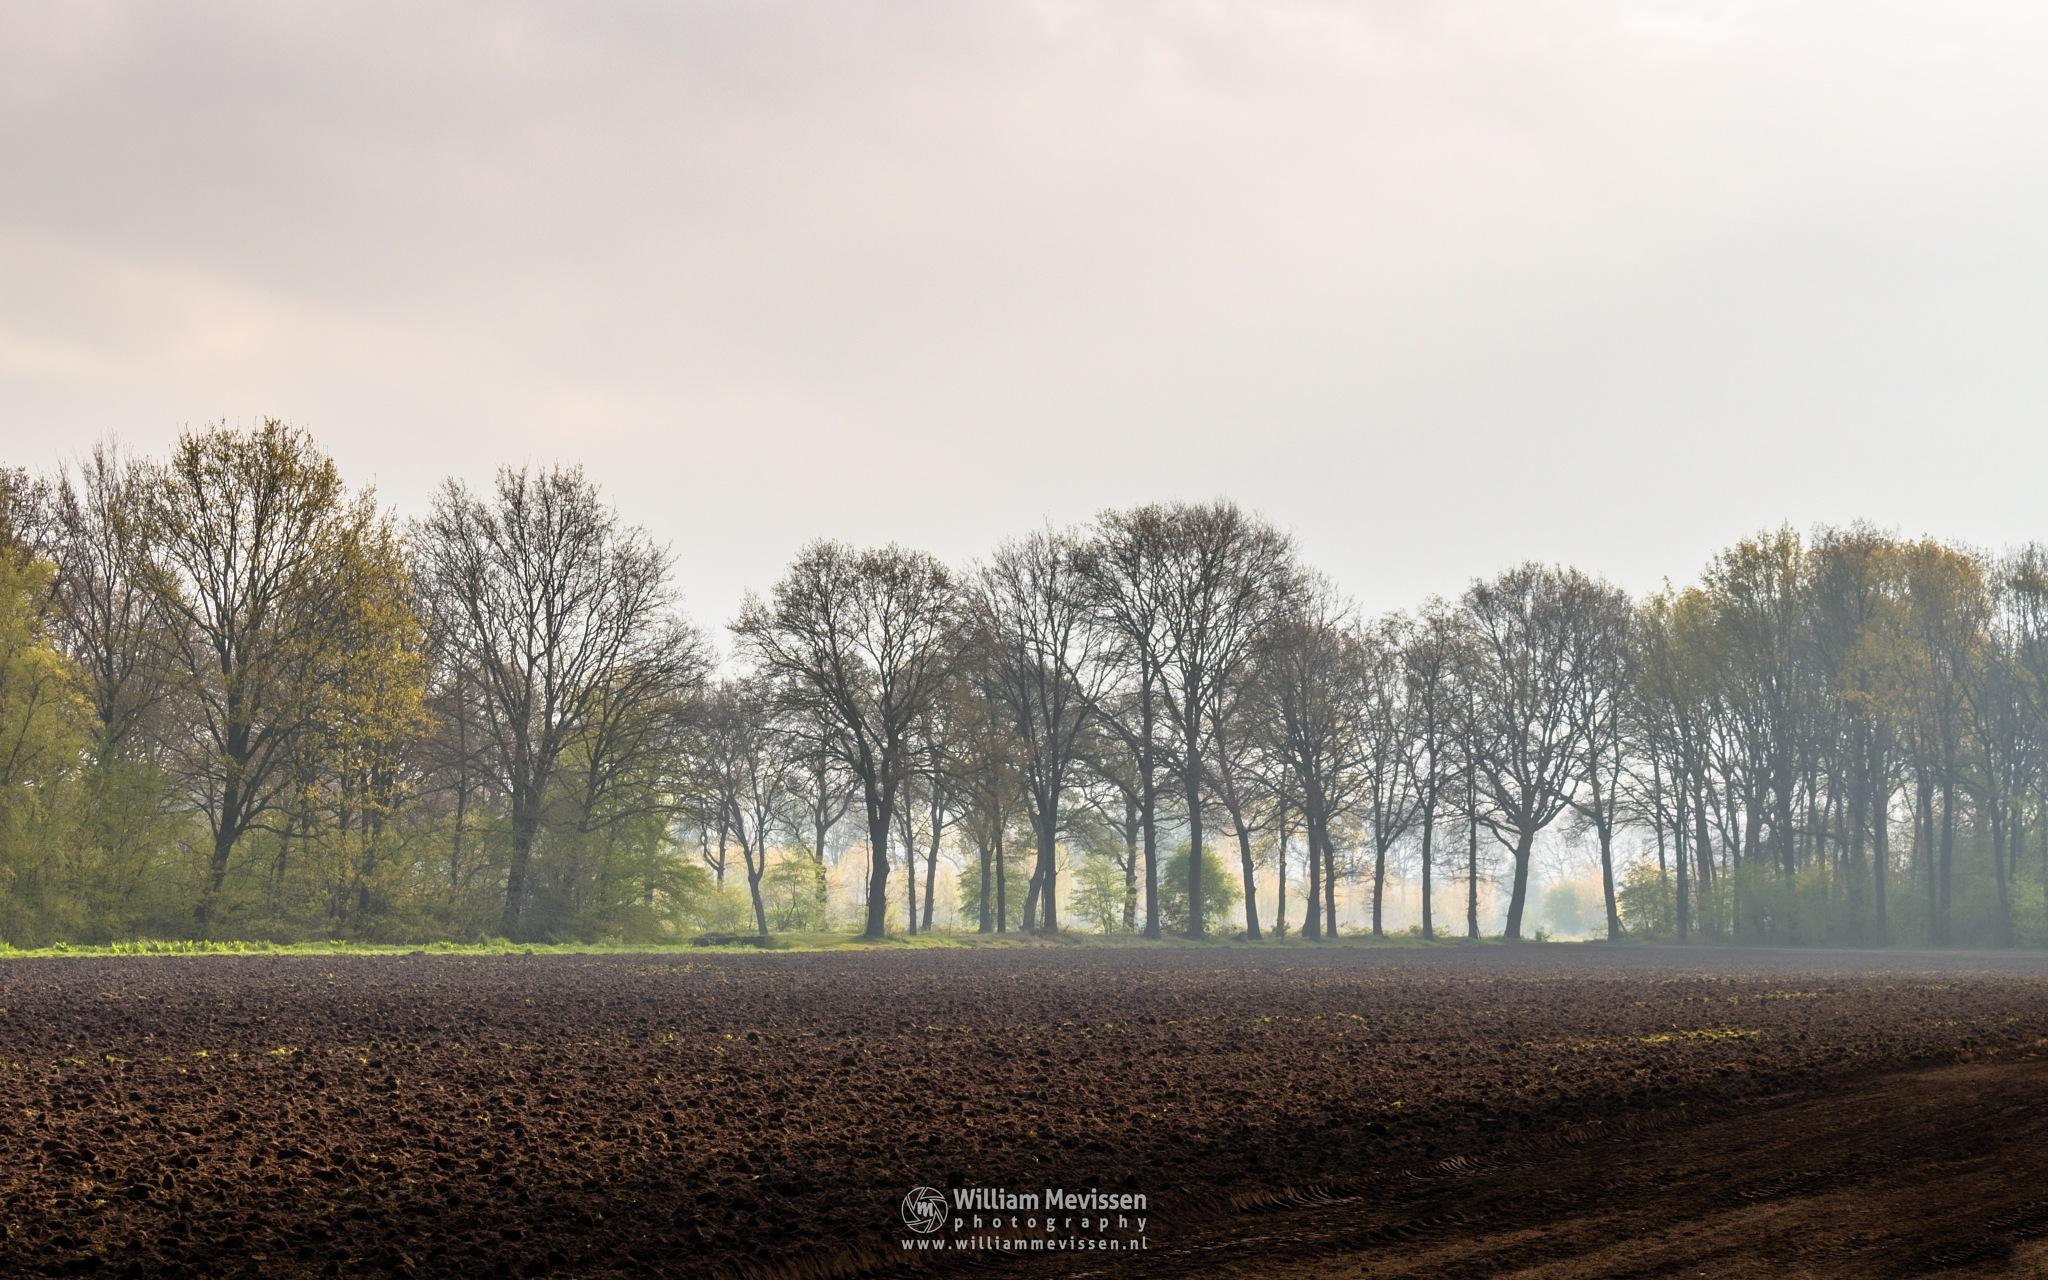 Rural Spring Morning by William Mevissen